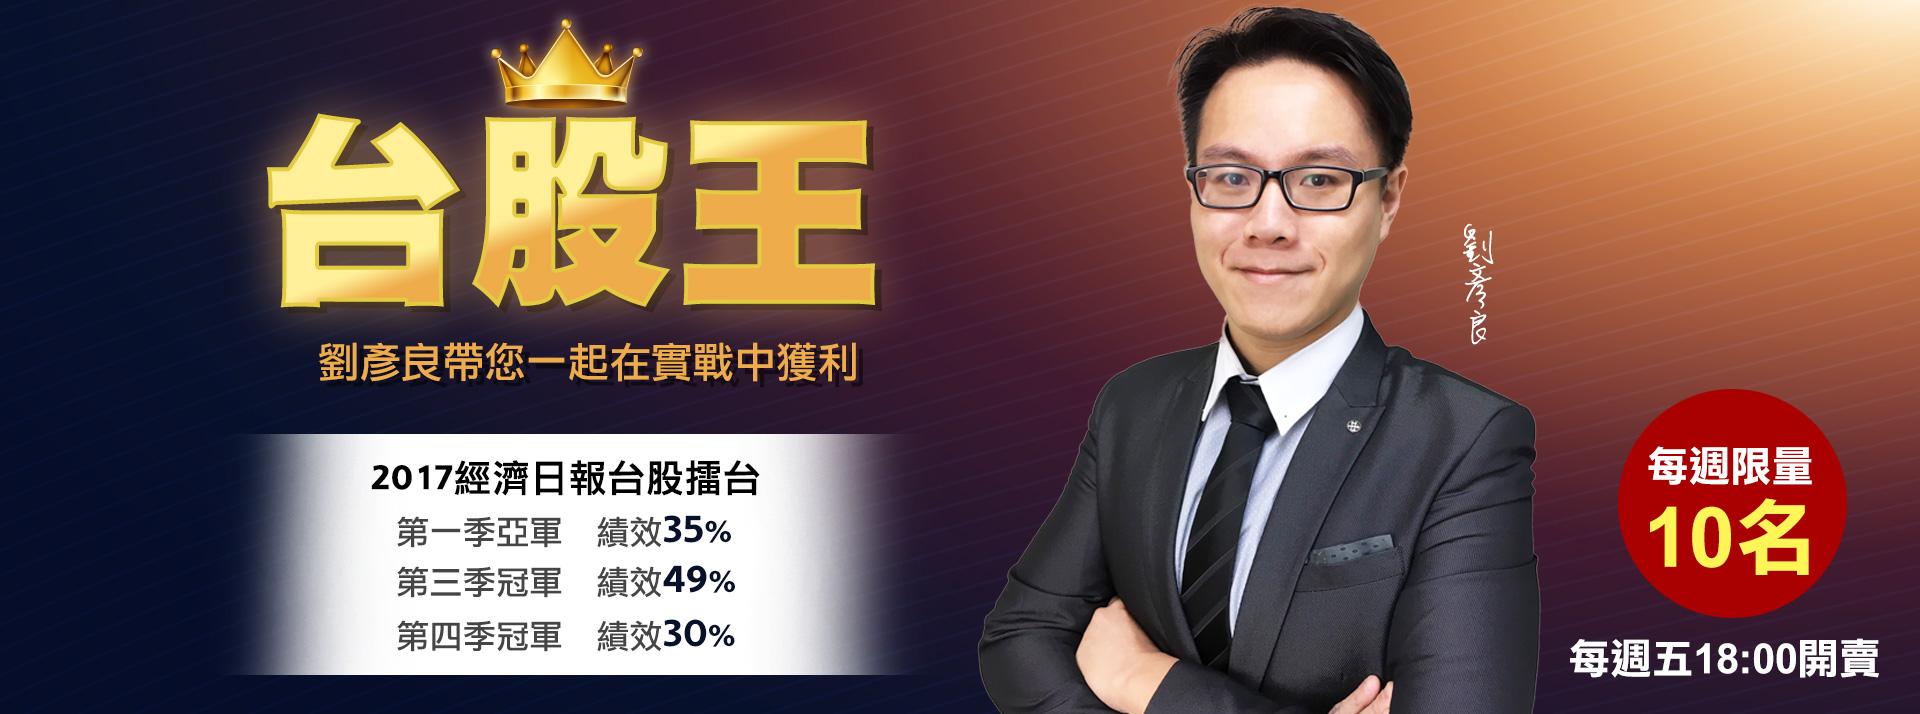 台股王每日操作策略 (圖)